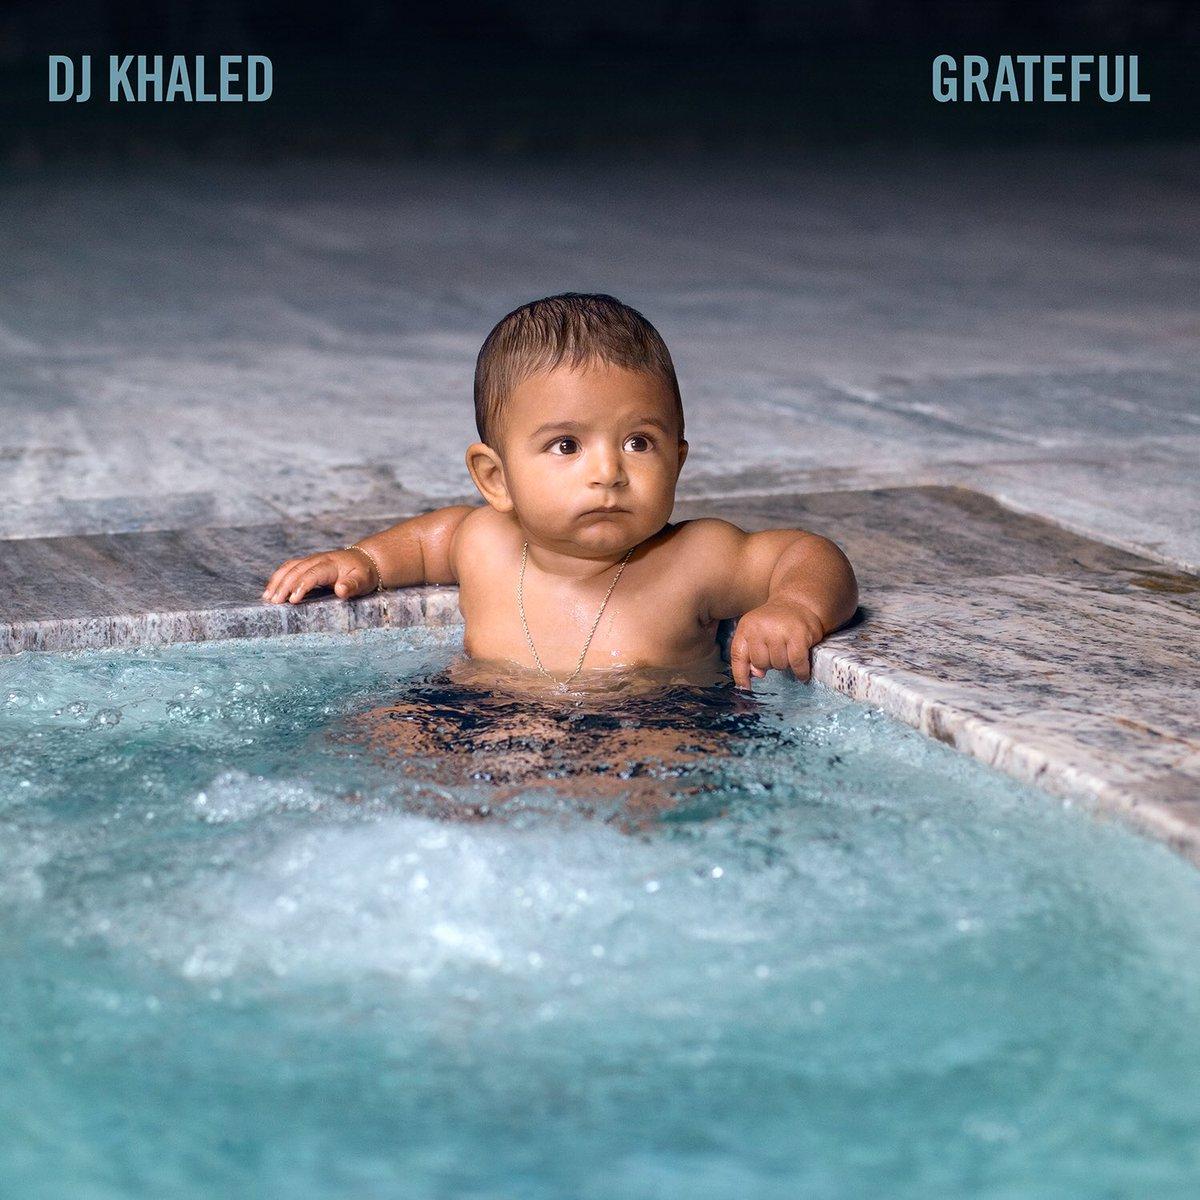 #GRATEFUL OFFICIAL ALBUM COVER